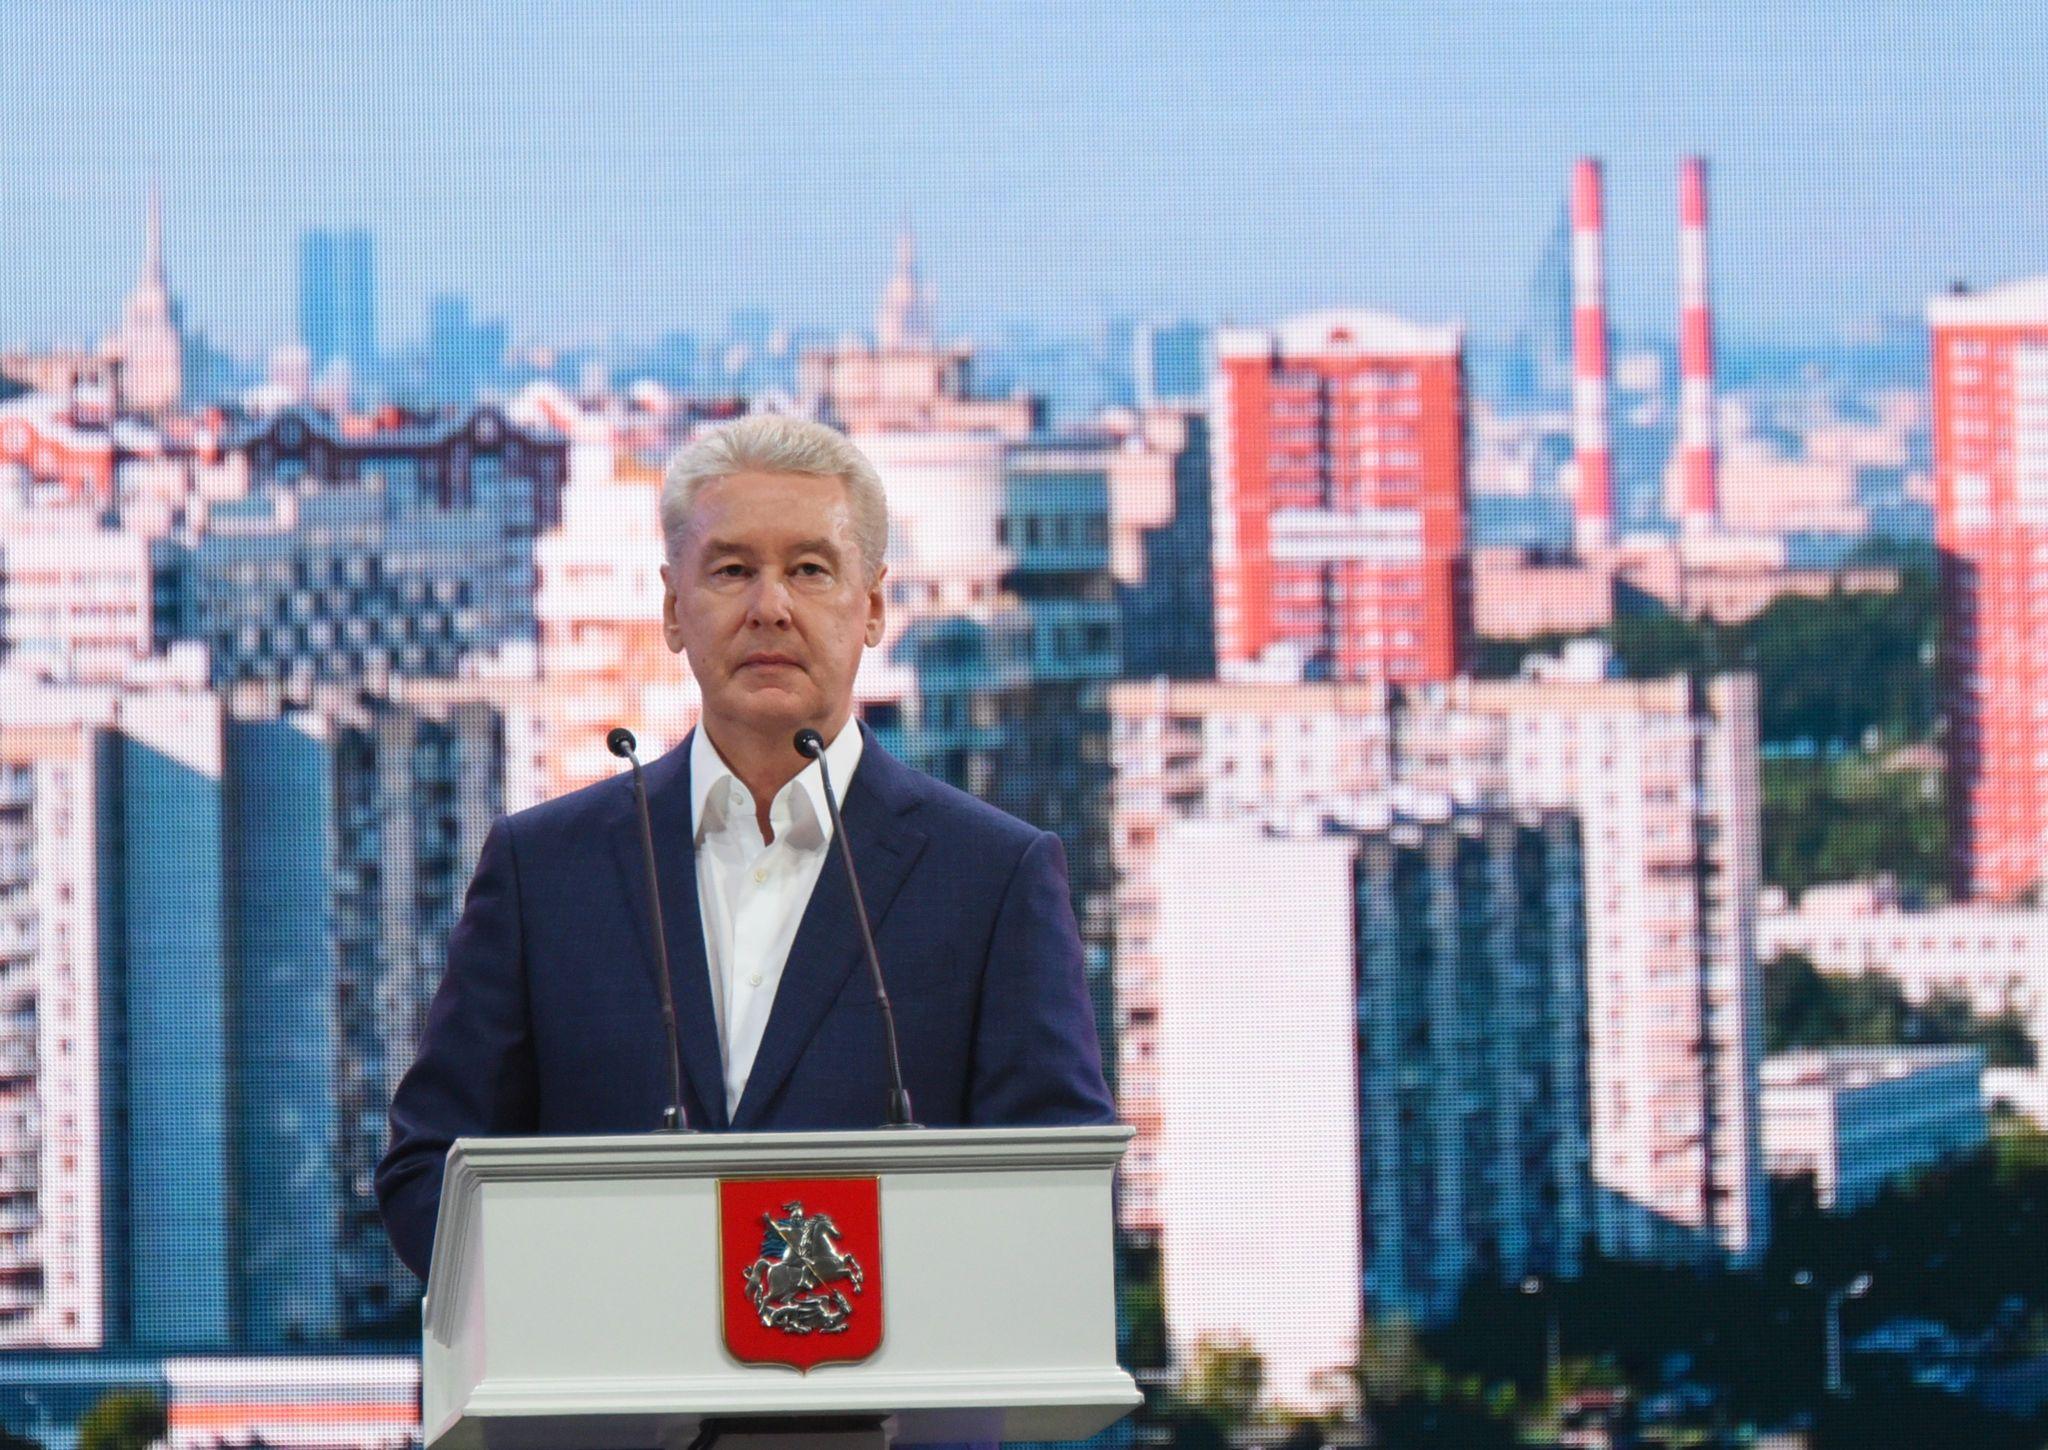 Сергей Собянин запустил движение по развязке МКАД и улице Генерала Дорохова